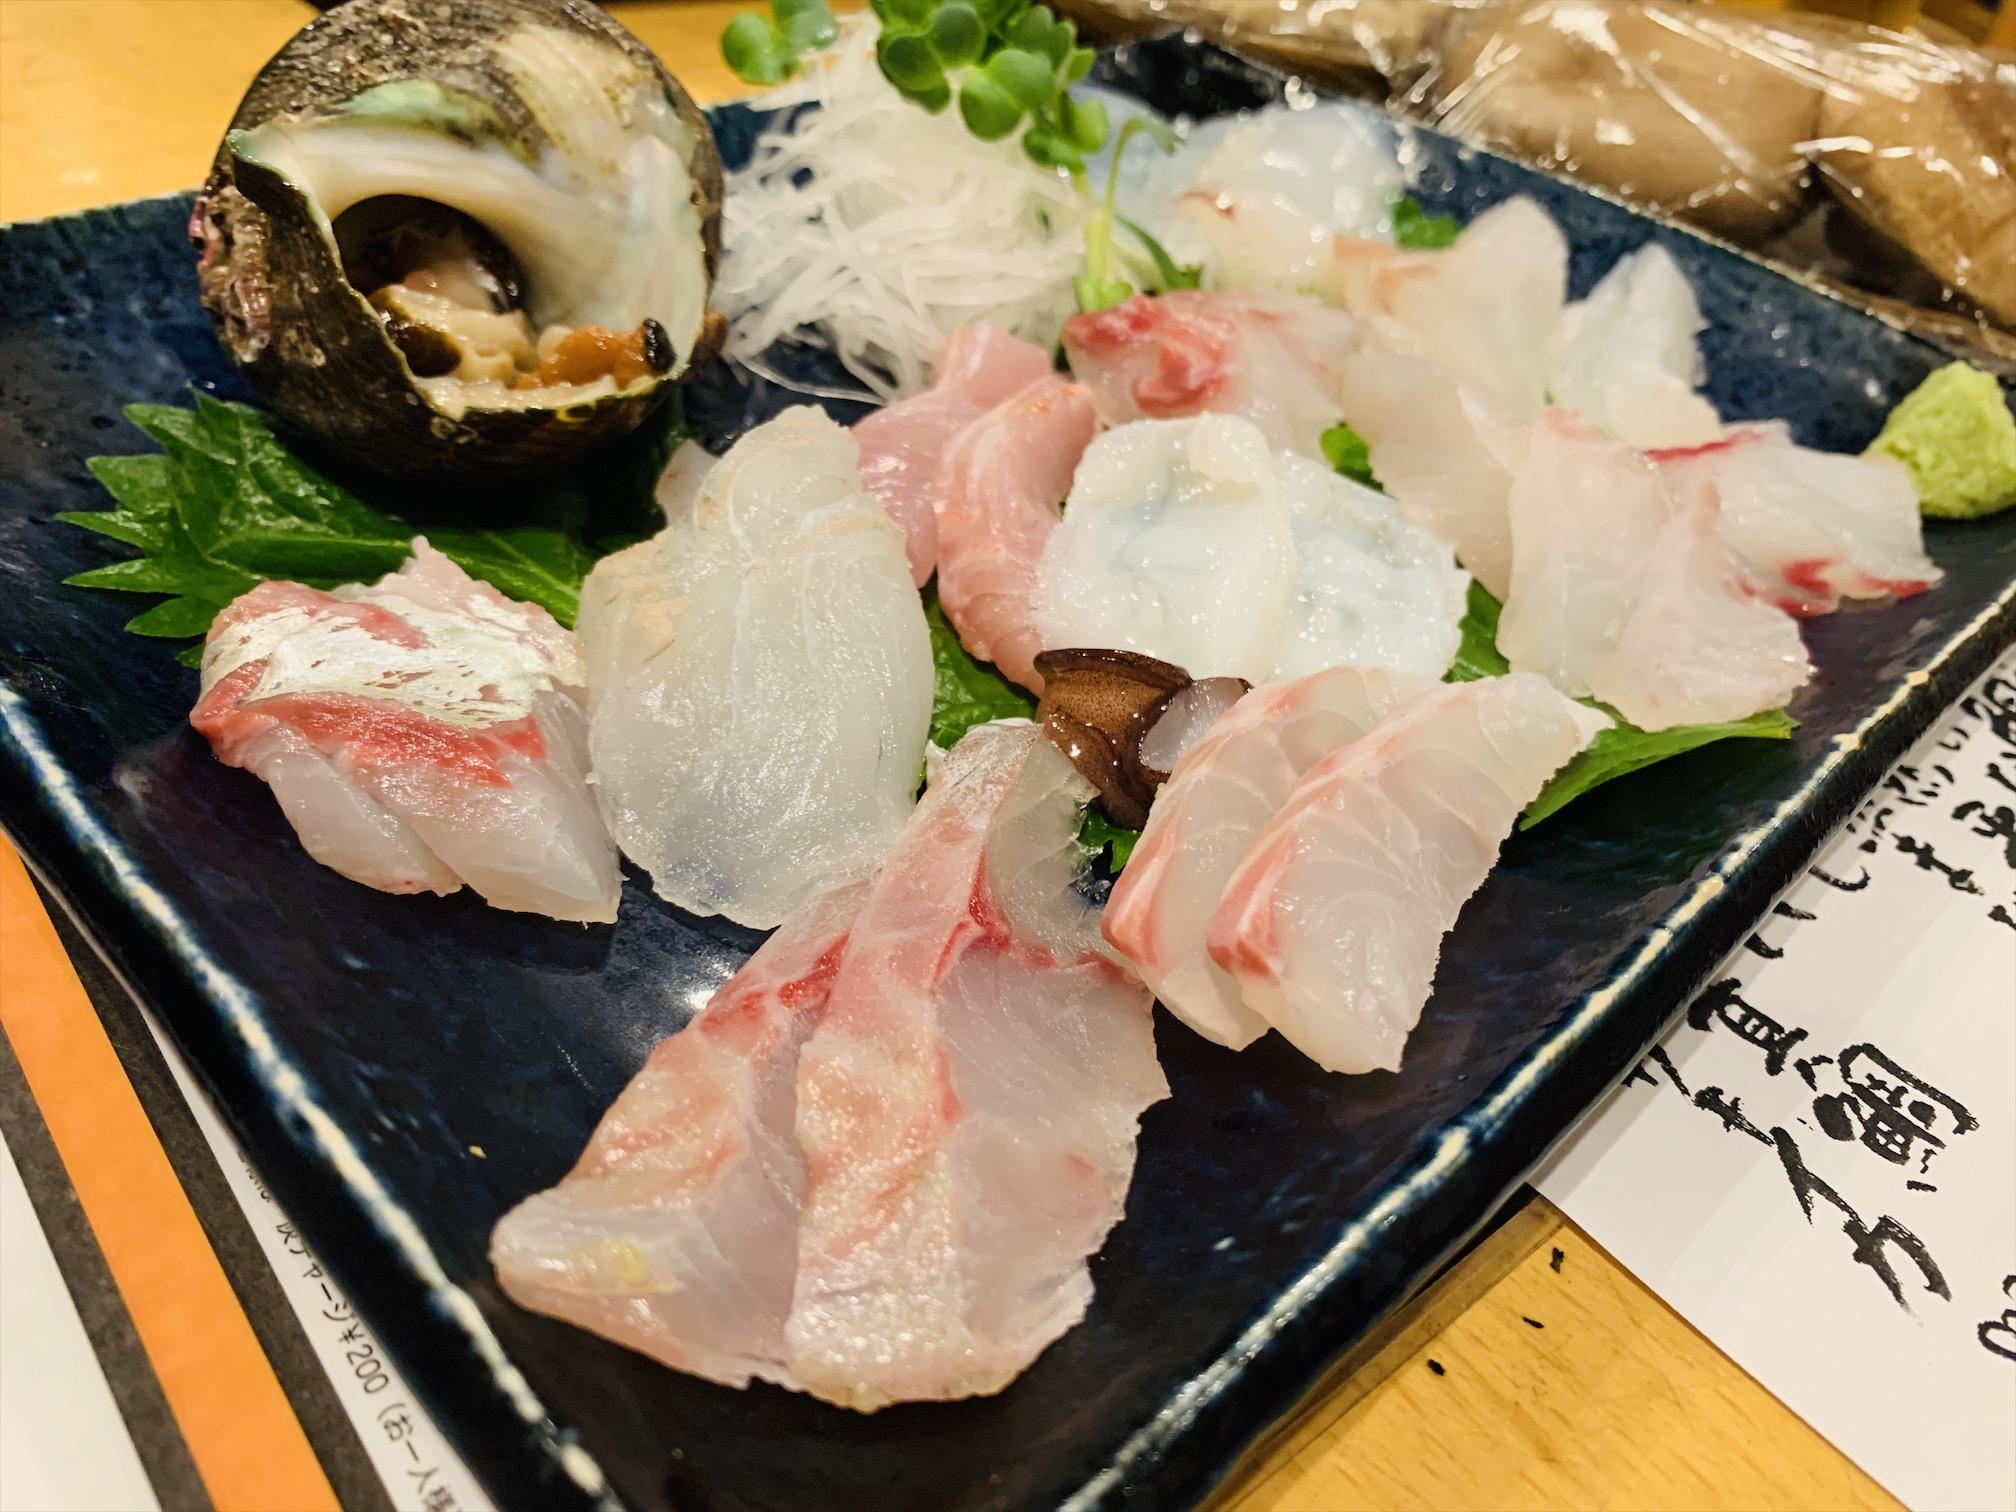 伏見|鮮度もコスパも抜群の魚料理がいただける独自システムがおもしろい居酒屋!